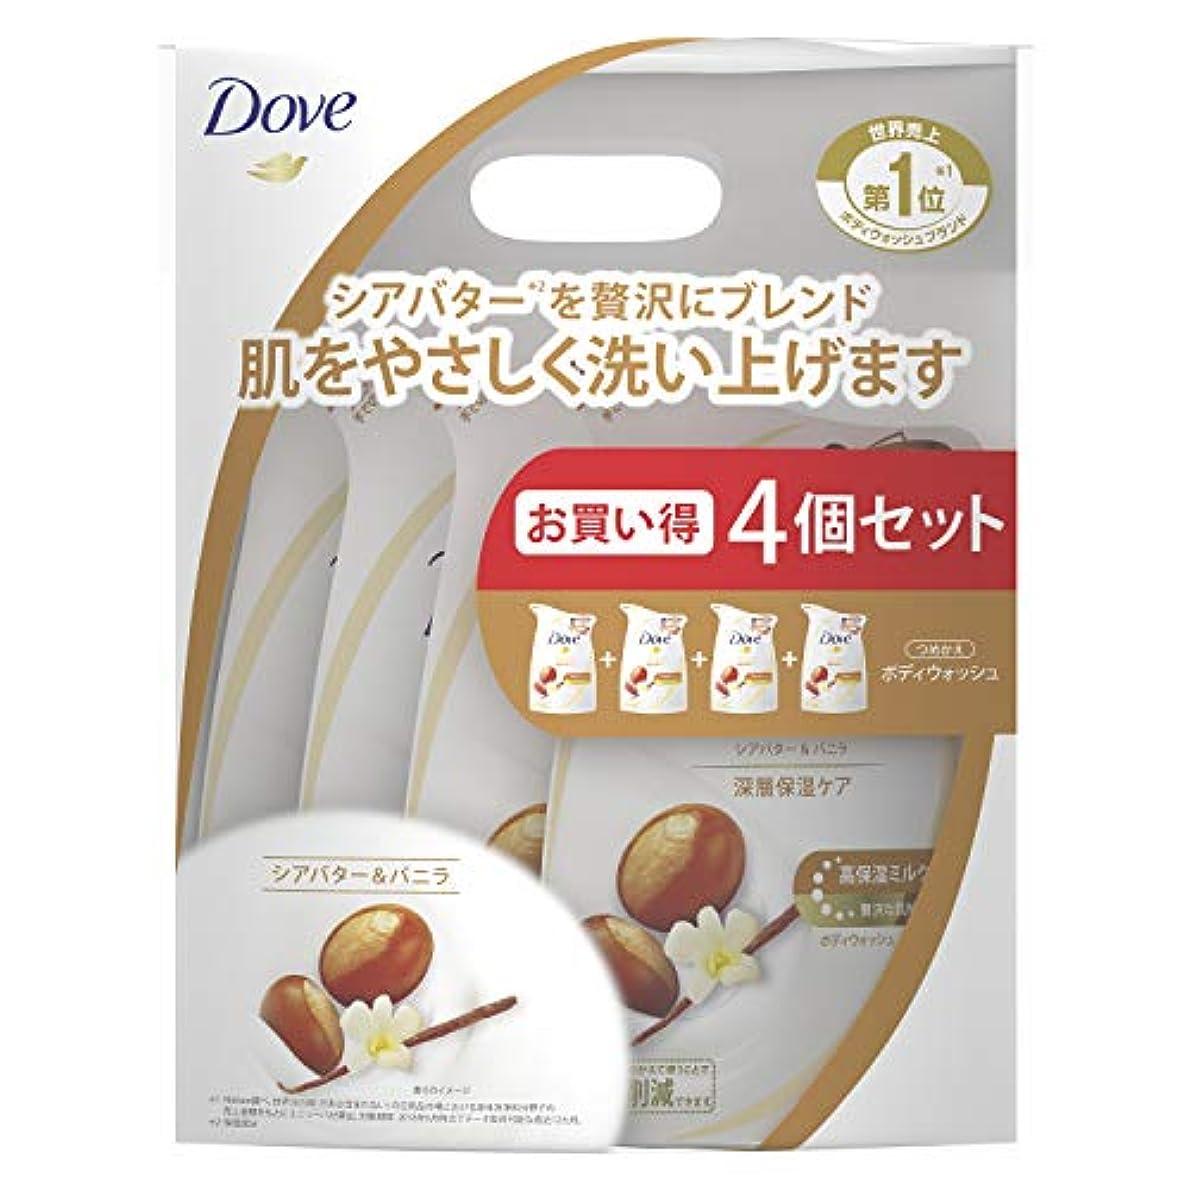 日可聴からDove(ダヴ) ダヴ ボディウォッシュ リッチケア シアバター&バニラ つめかえ用 4個セット ボディソープ 詰替え 340g×4個